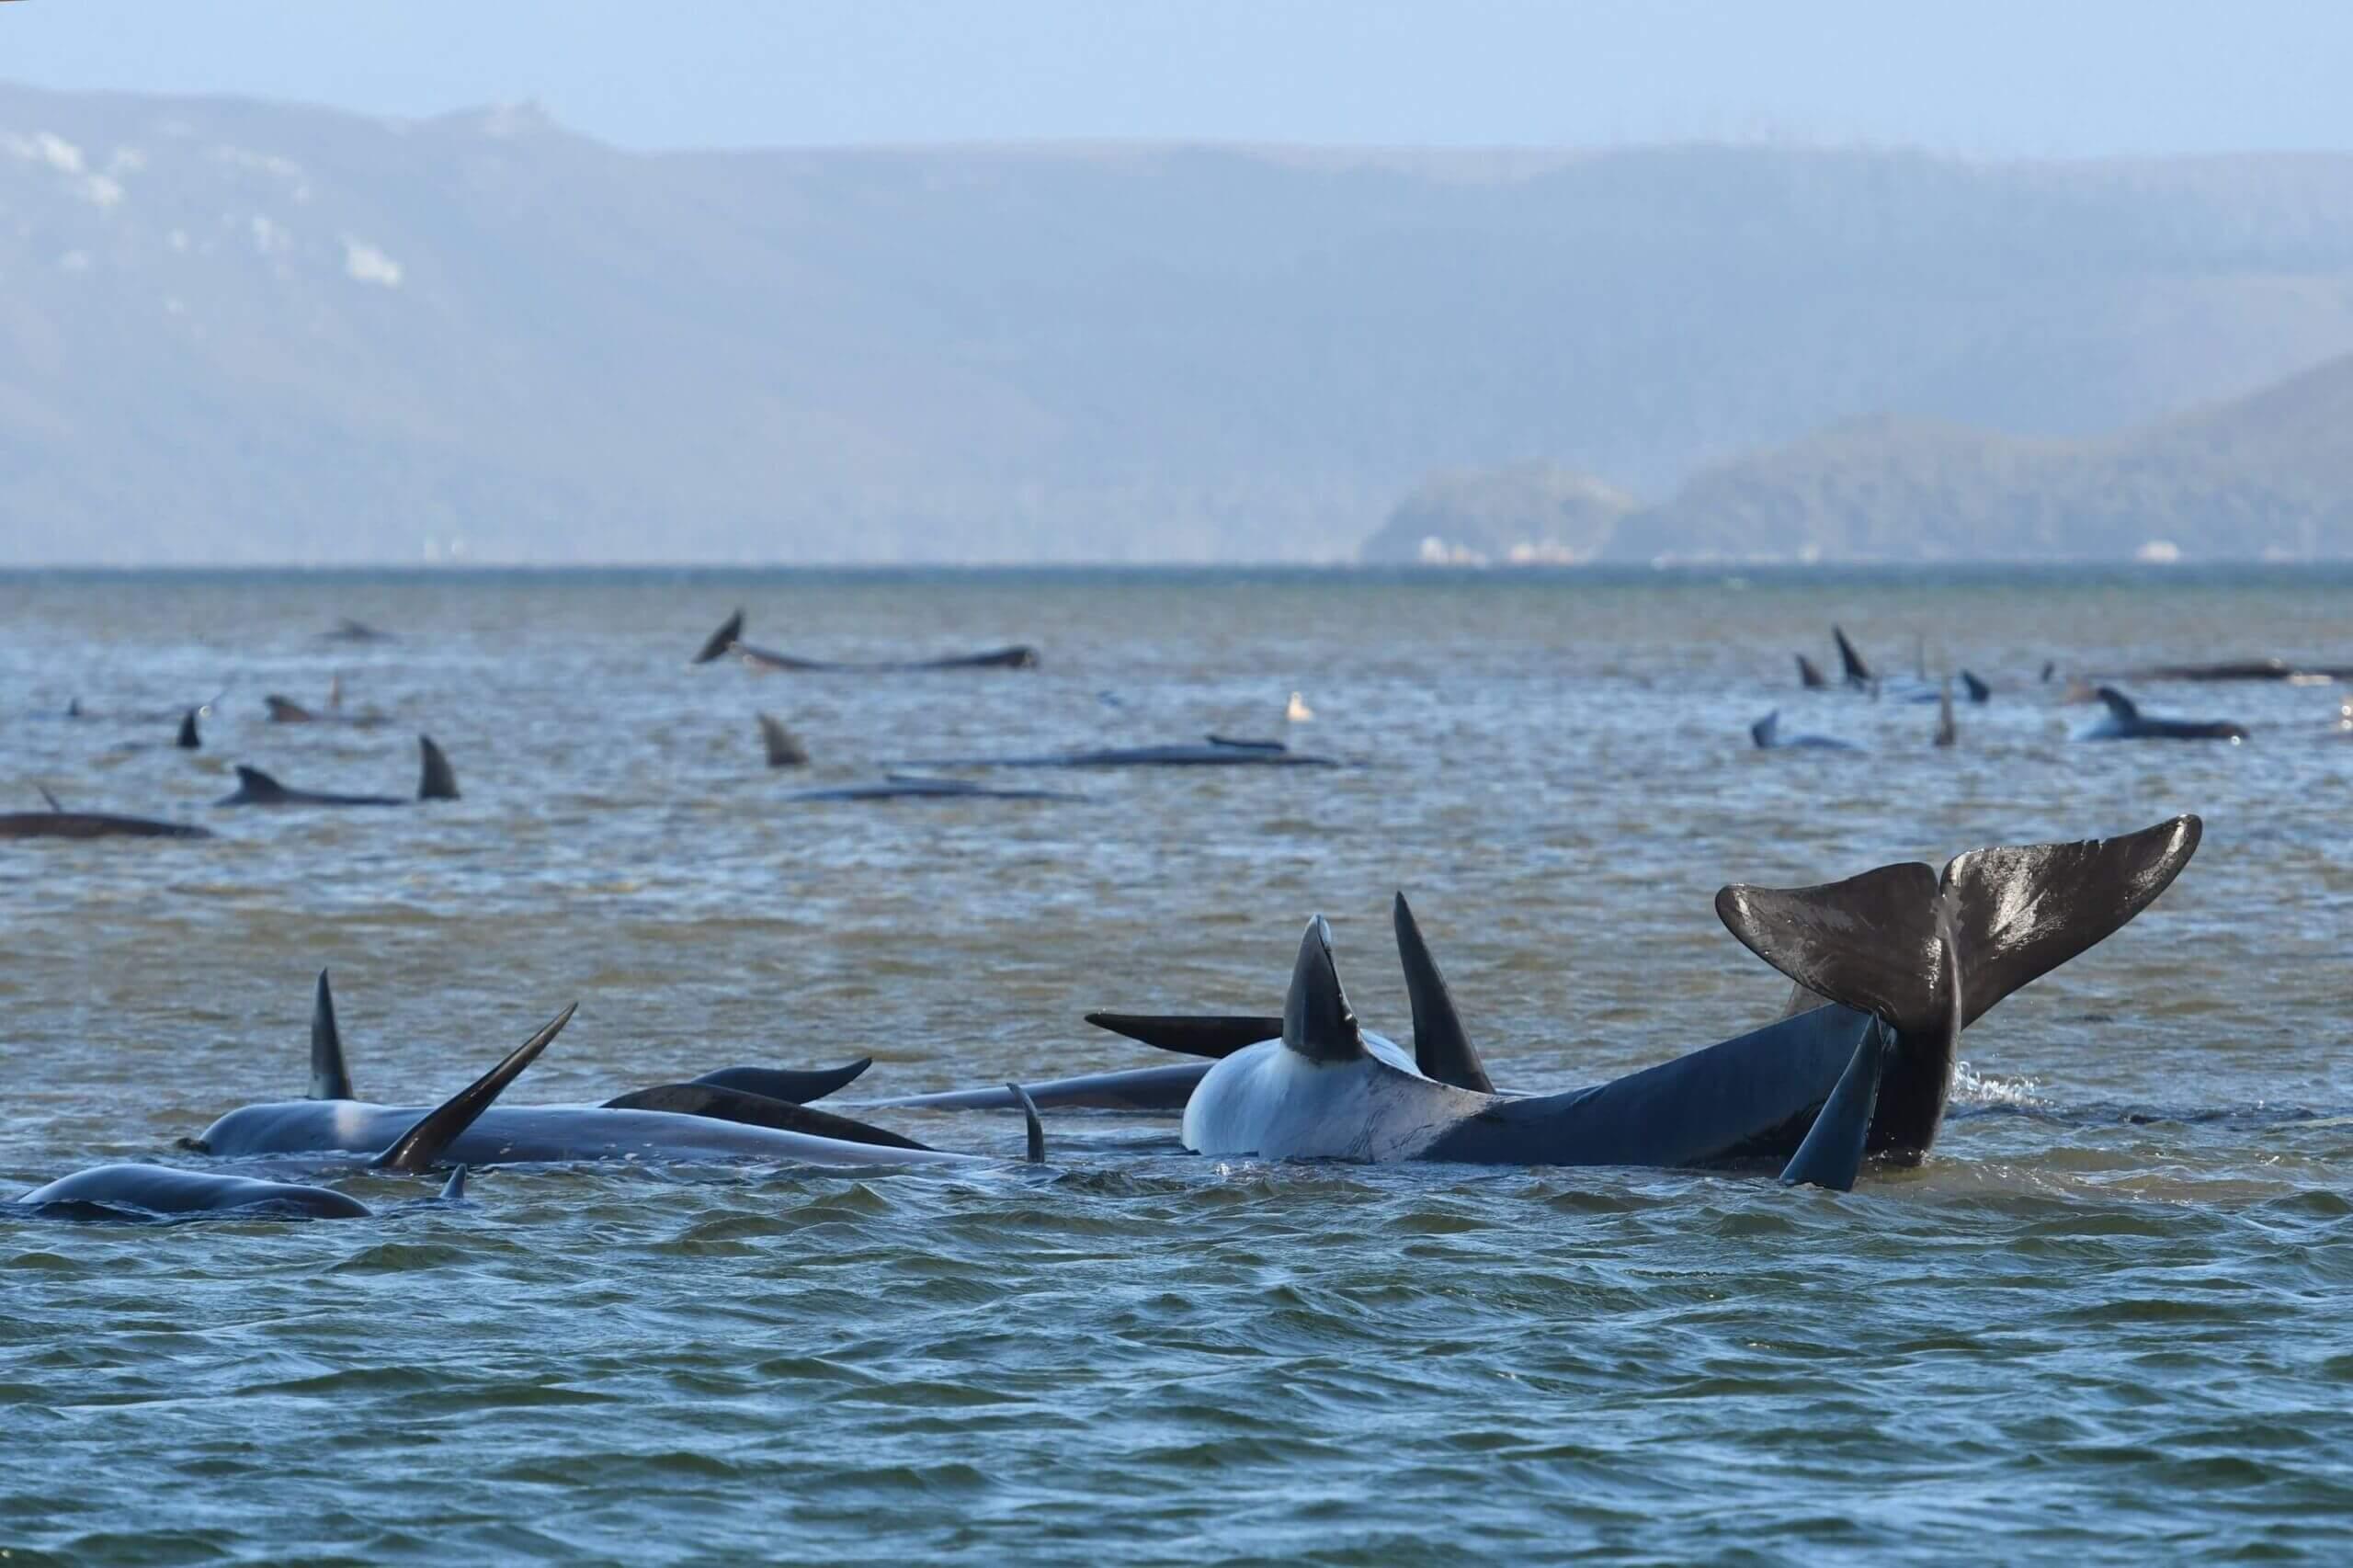 نهنگها و دلفینها در معرض خطر جدی و فوریِ انقراض